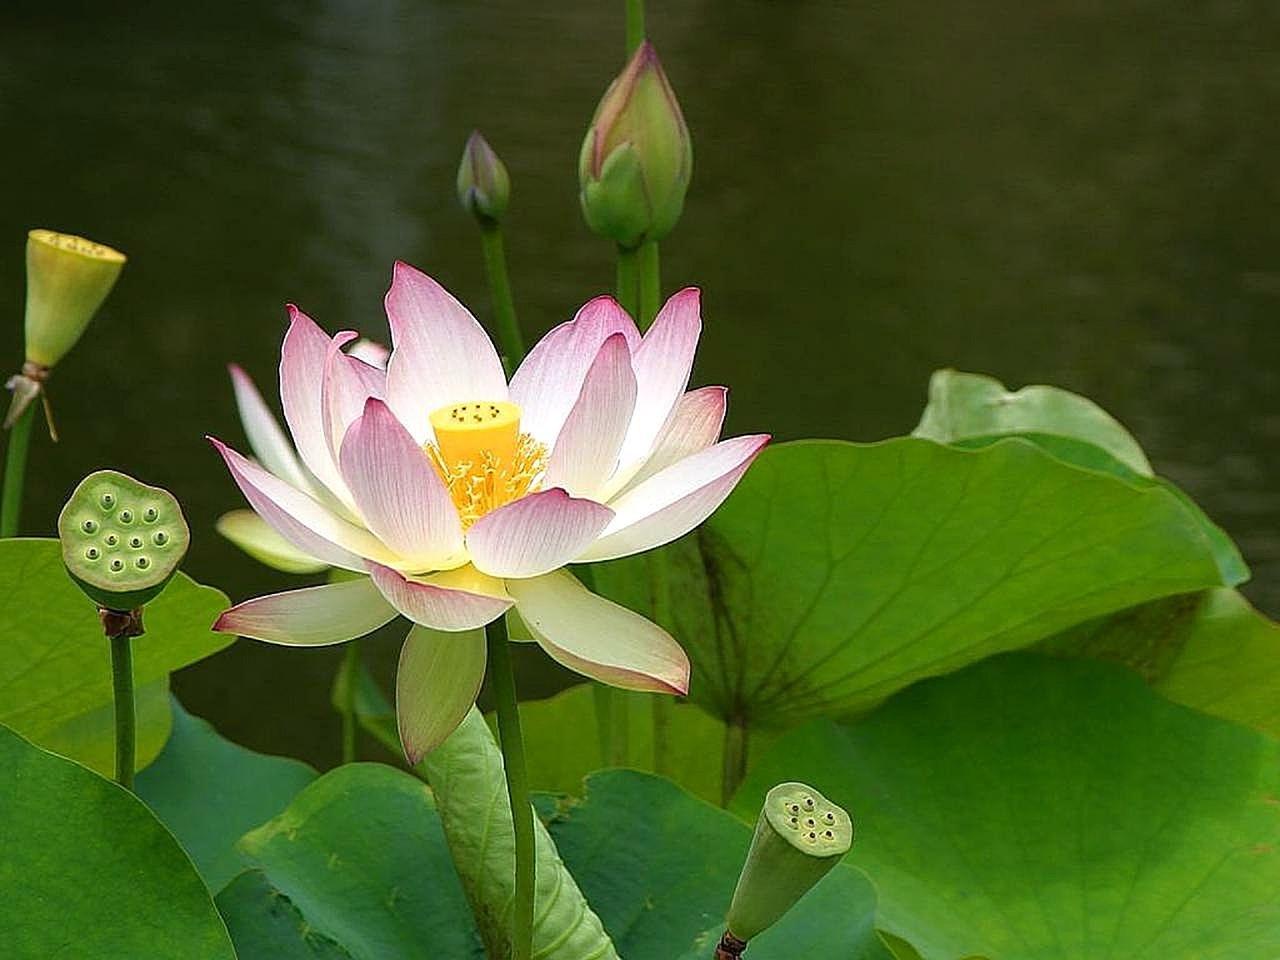 Цветок лотос: фото, выращивание и уход